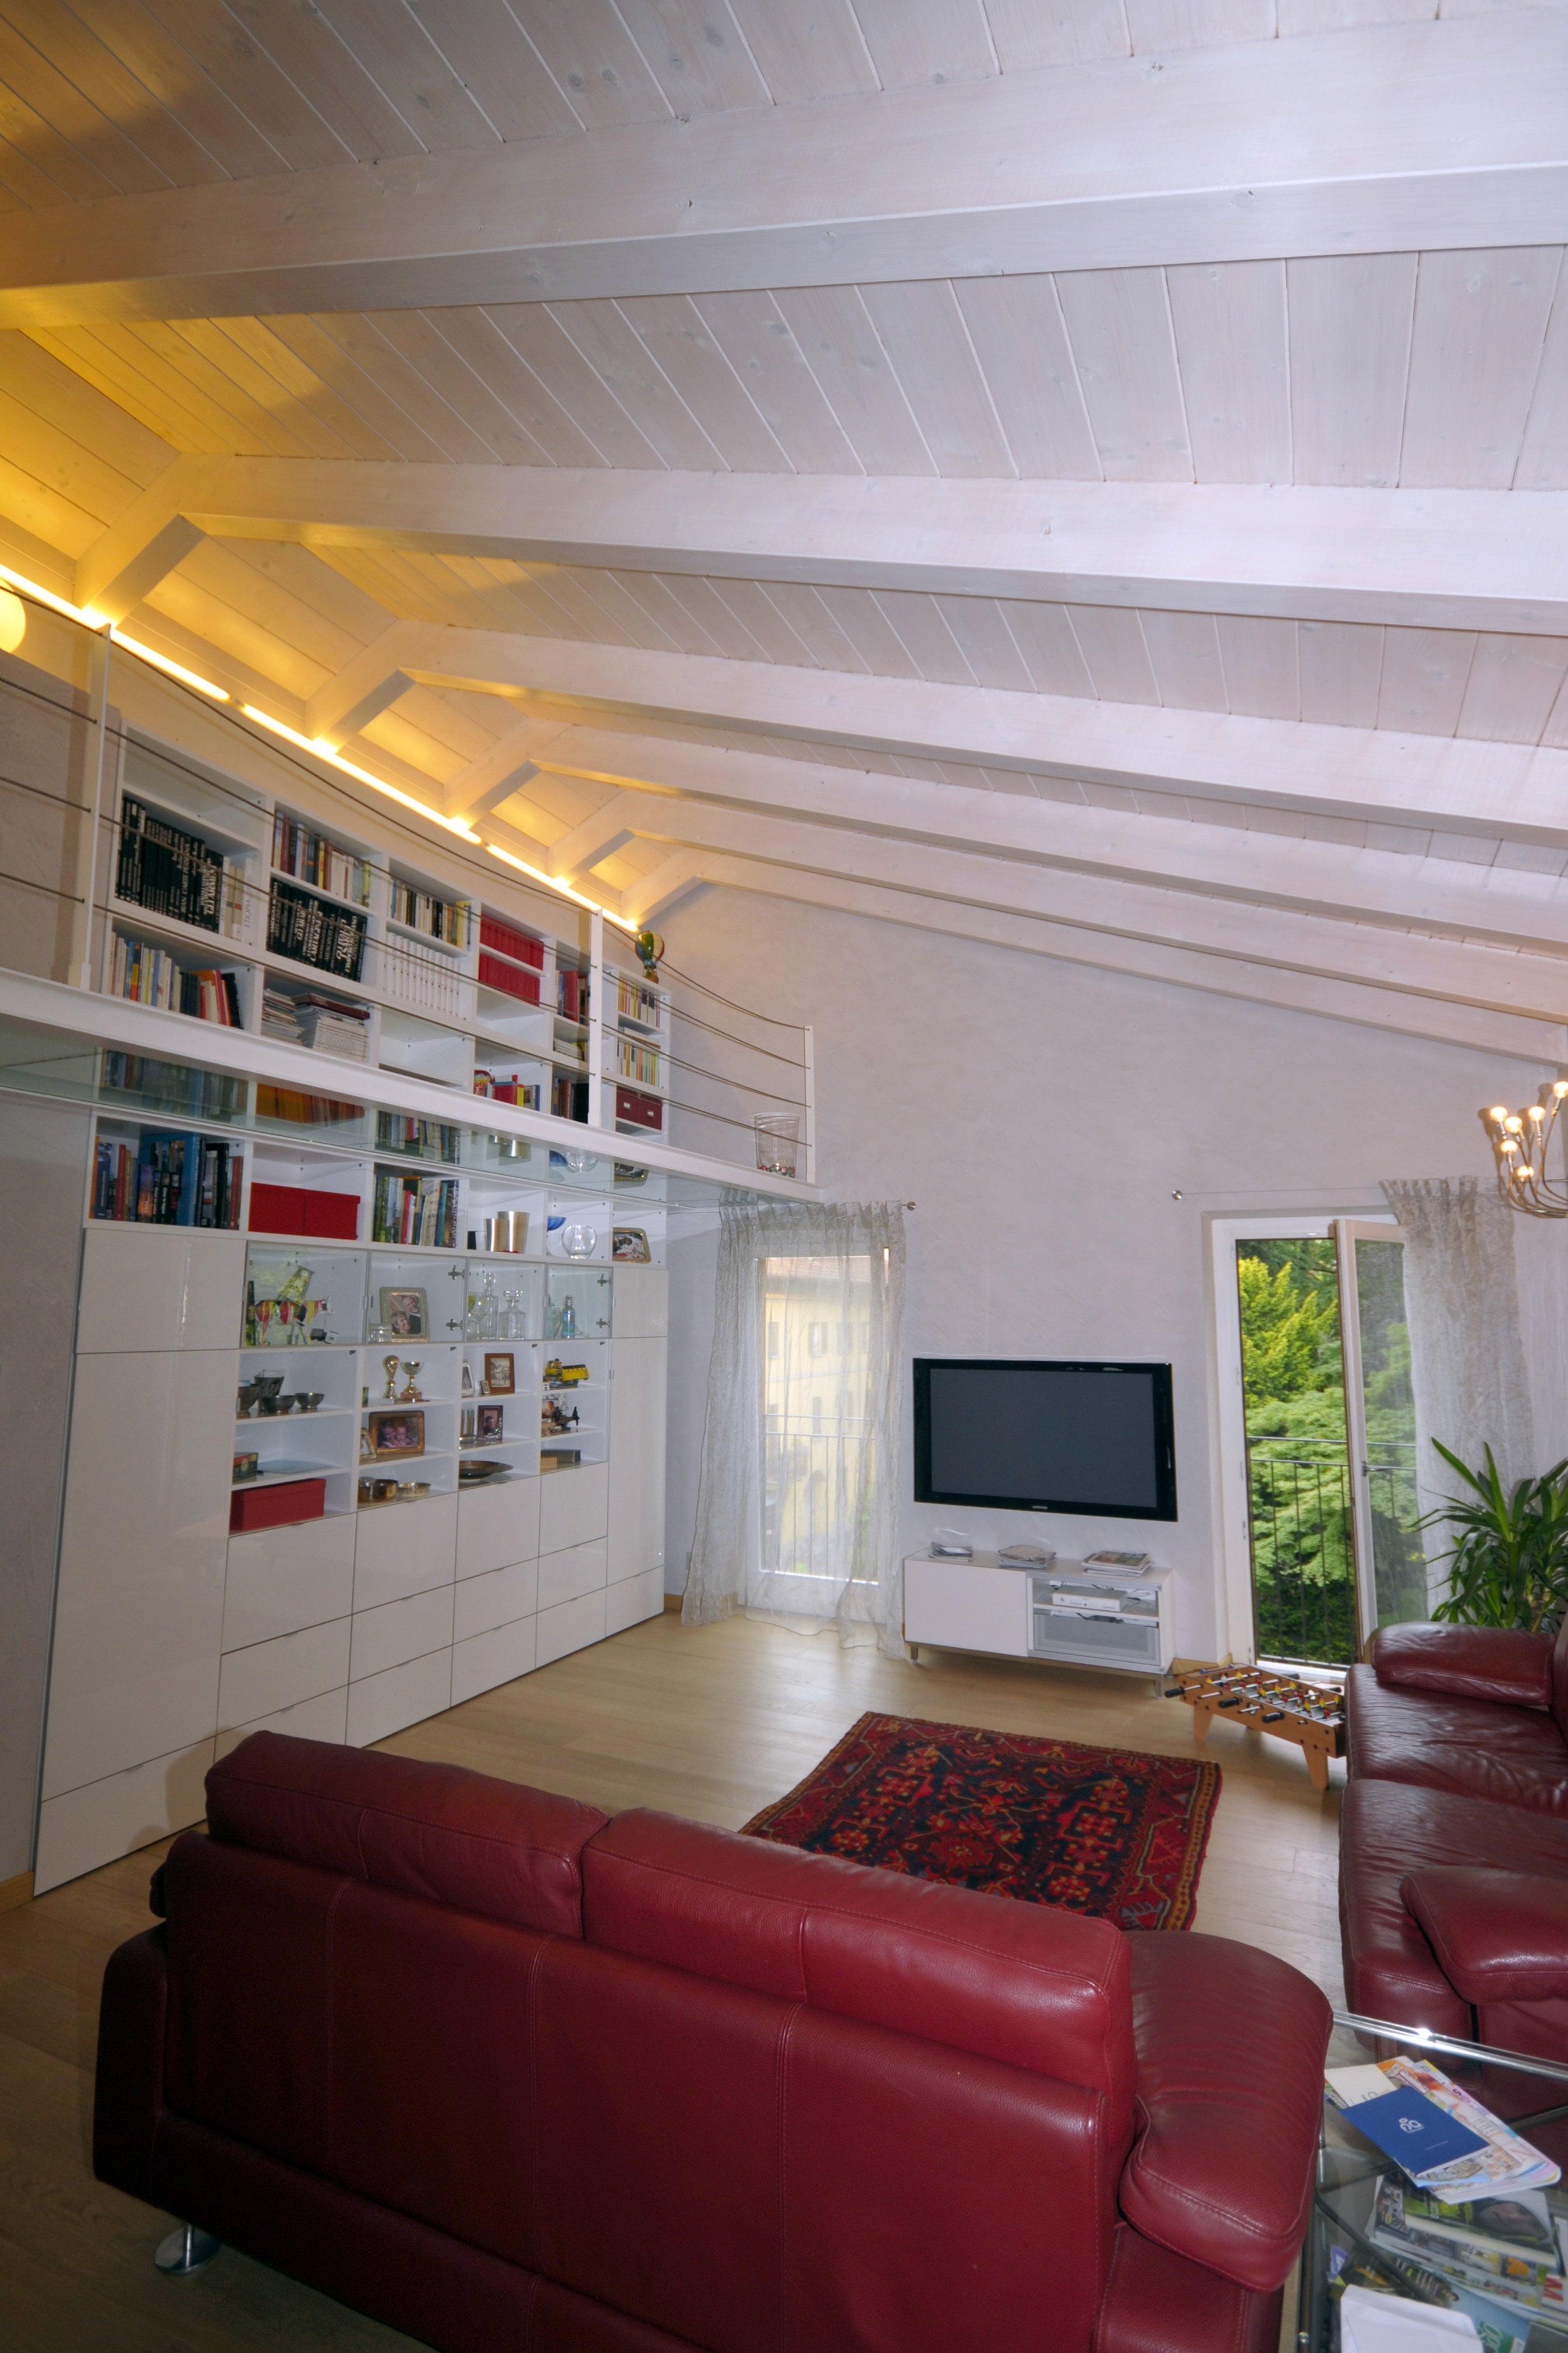 22 tetto in legno spazzolato impregnato bianco -lombardia - cereda